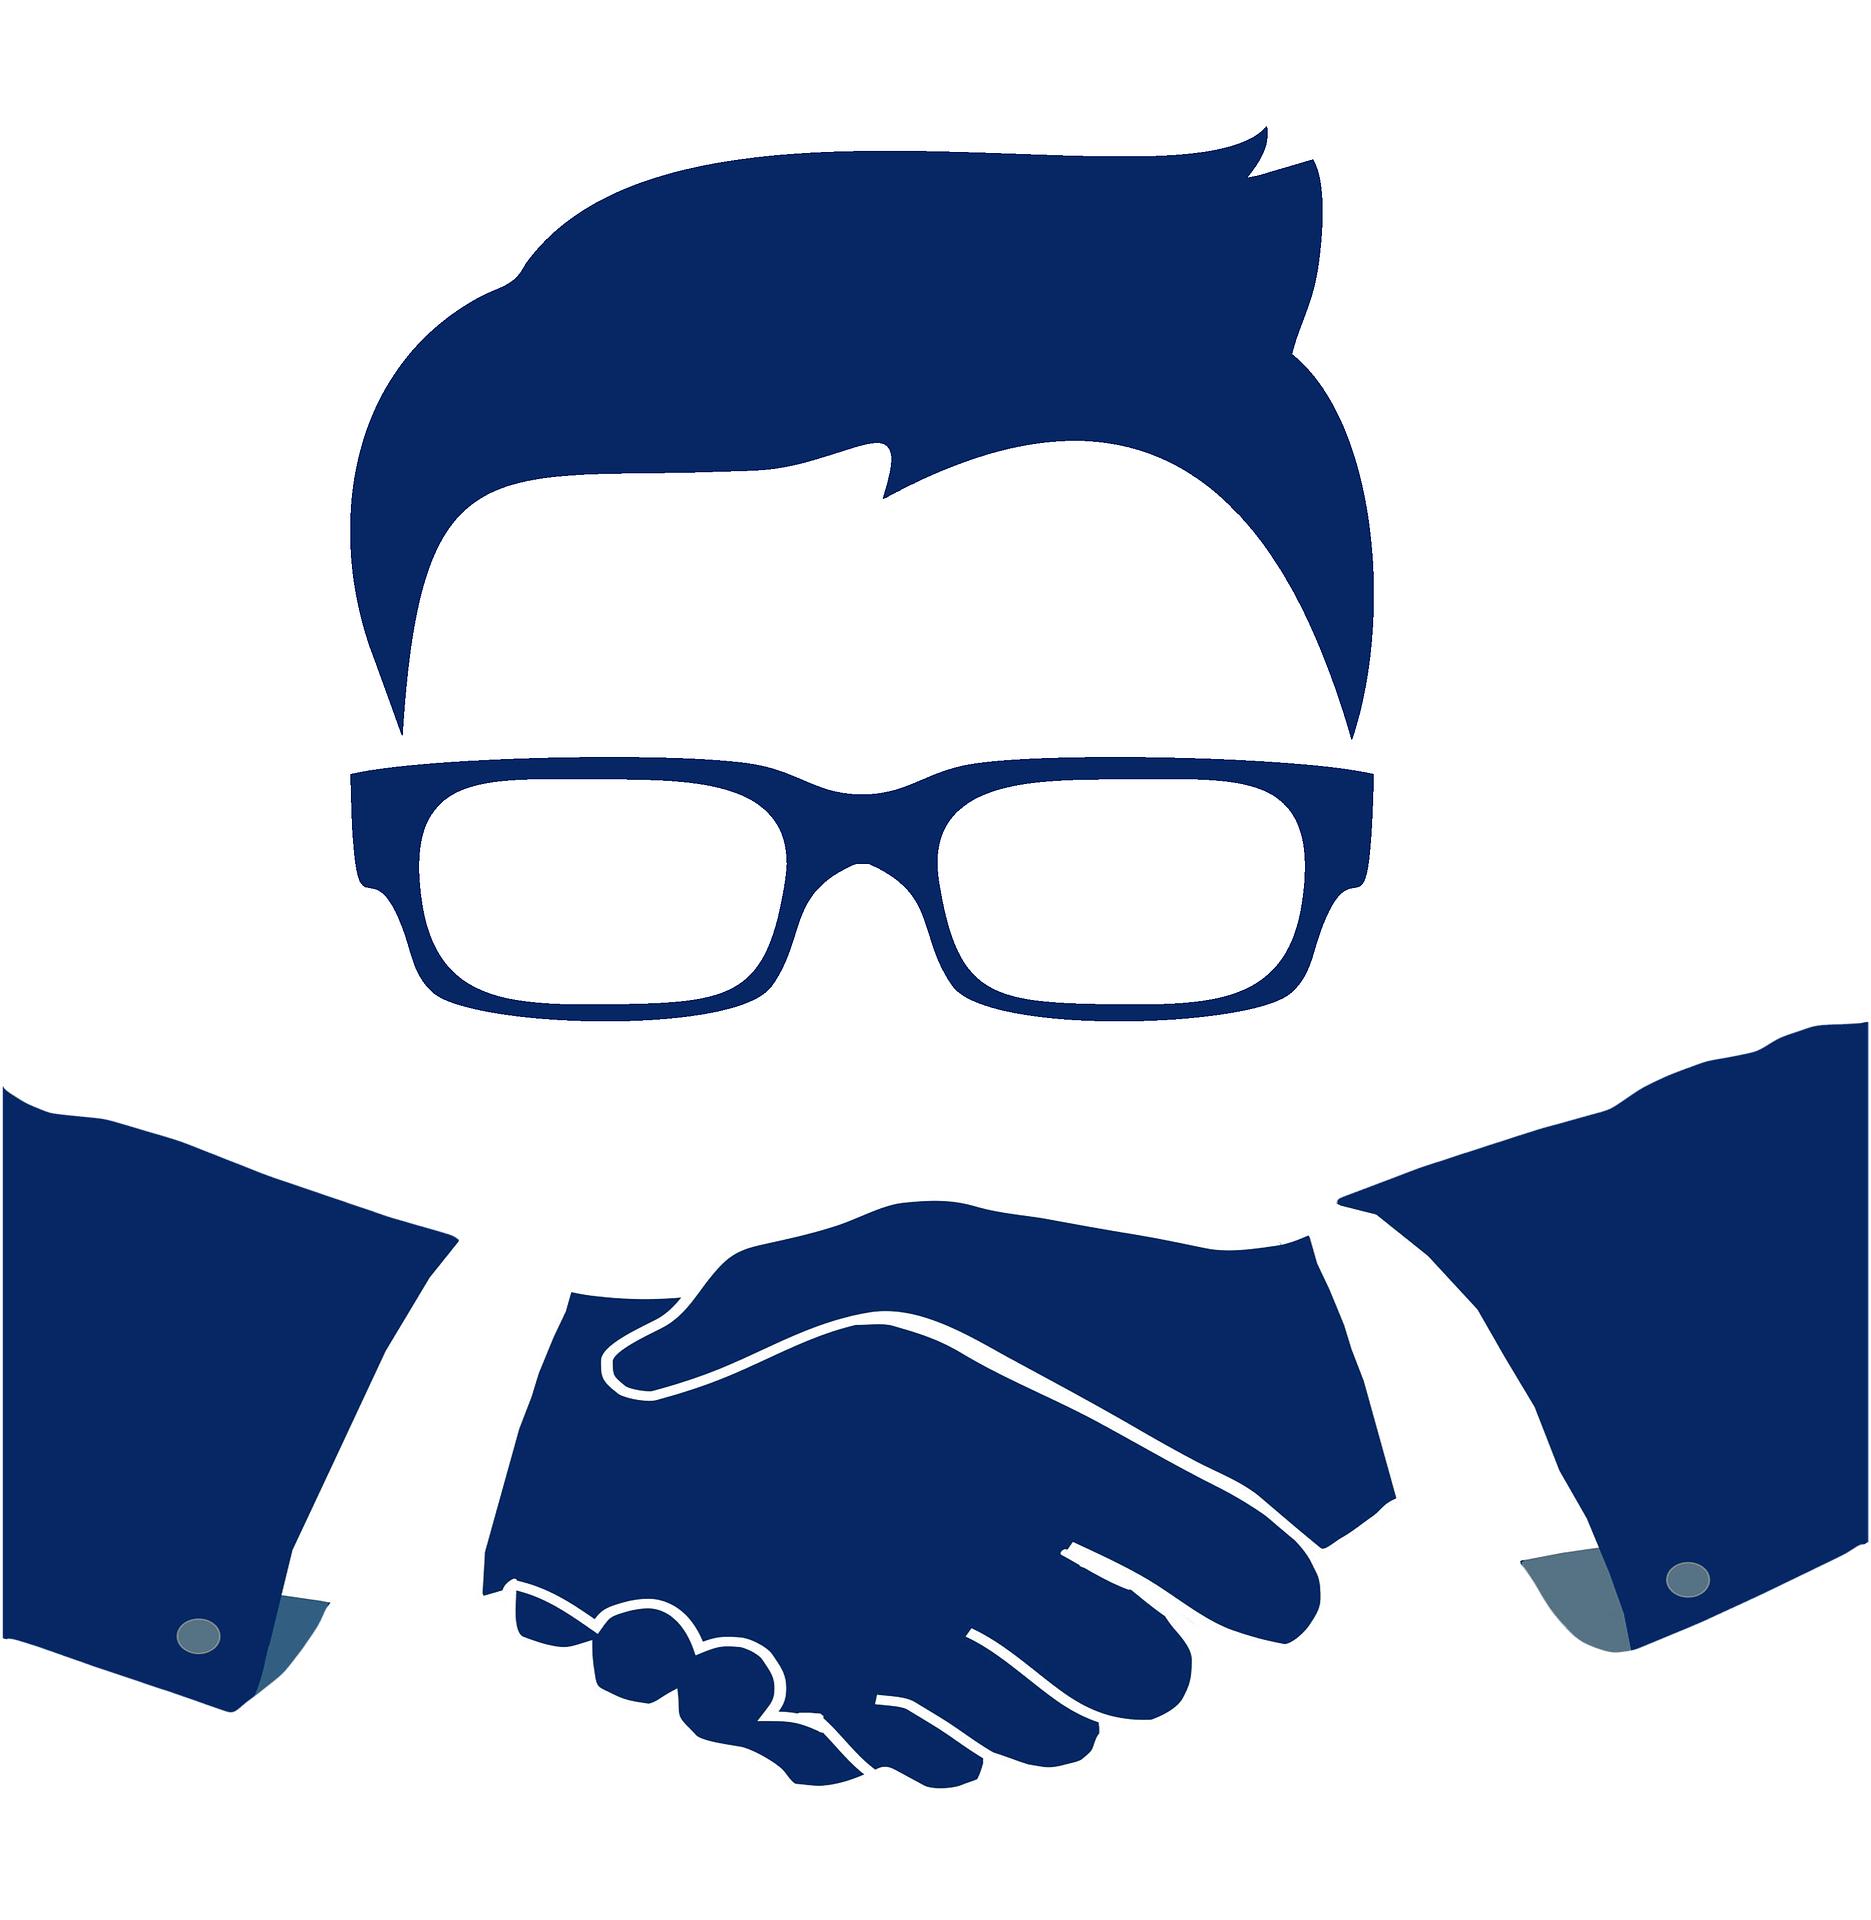 Contrato de obra certa como forma de solução para empresas 10